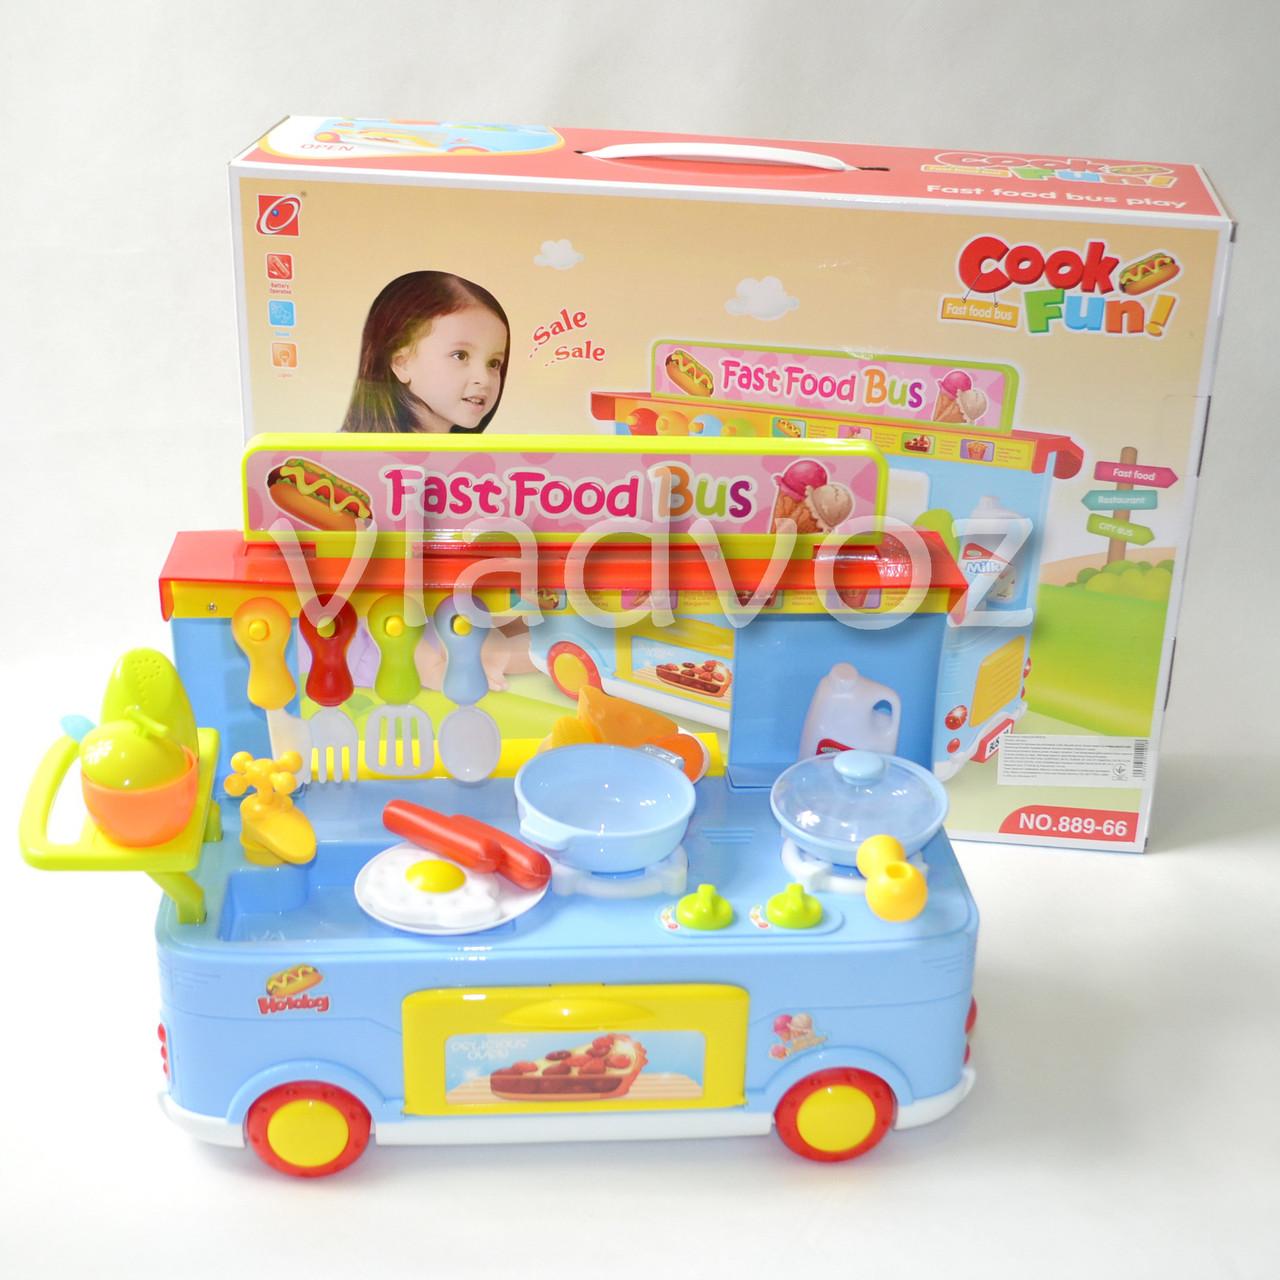 Детская кухня, плита 2 комфорки голубая Fast food Bus на колесах - интернет магазин vladvoz.in.ua мтс 0664476900, киевстар 0977864700, лайф 0933641800 в Николаевской области